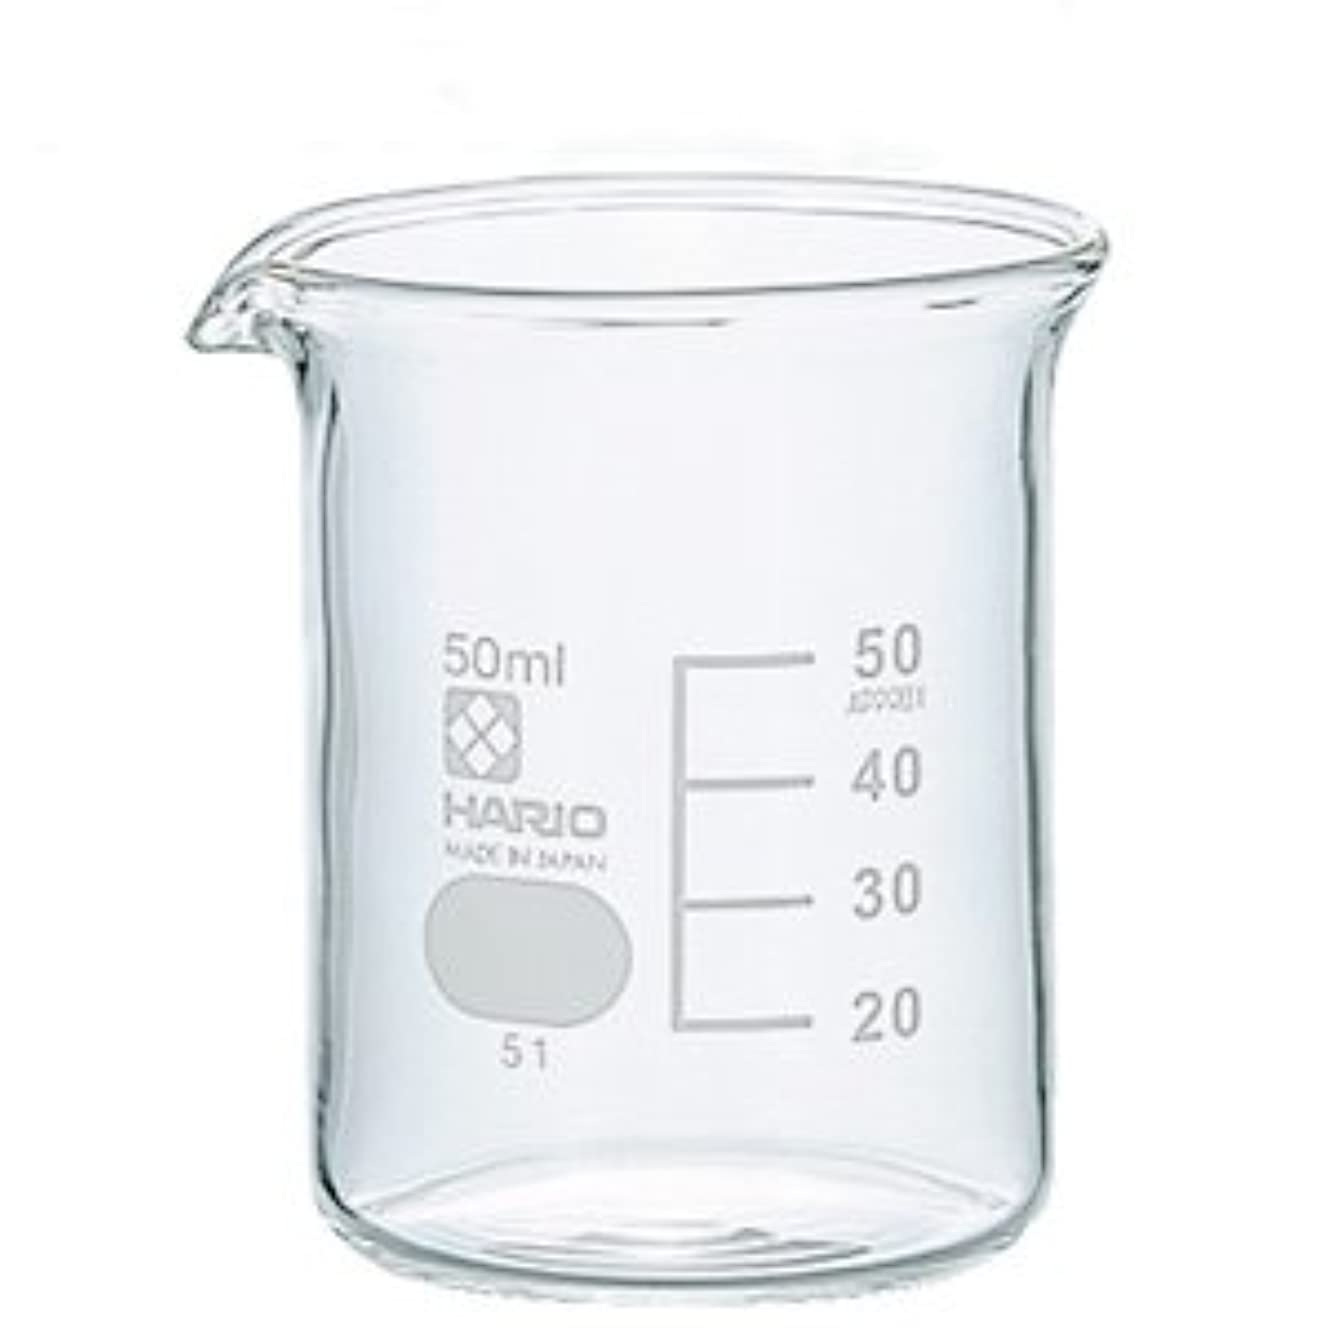 ラブ体系的にアメリカガラスビーカー 50ml 【手作り石鹸/手作りコスメ/手作り化粧品】